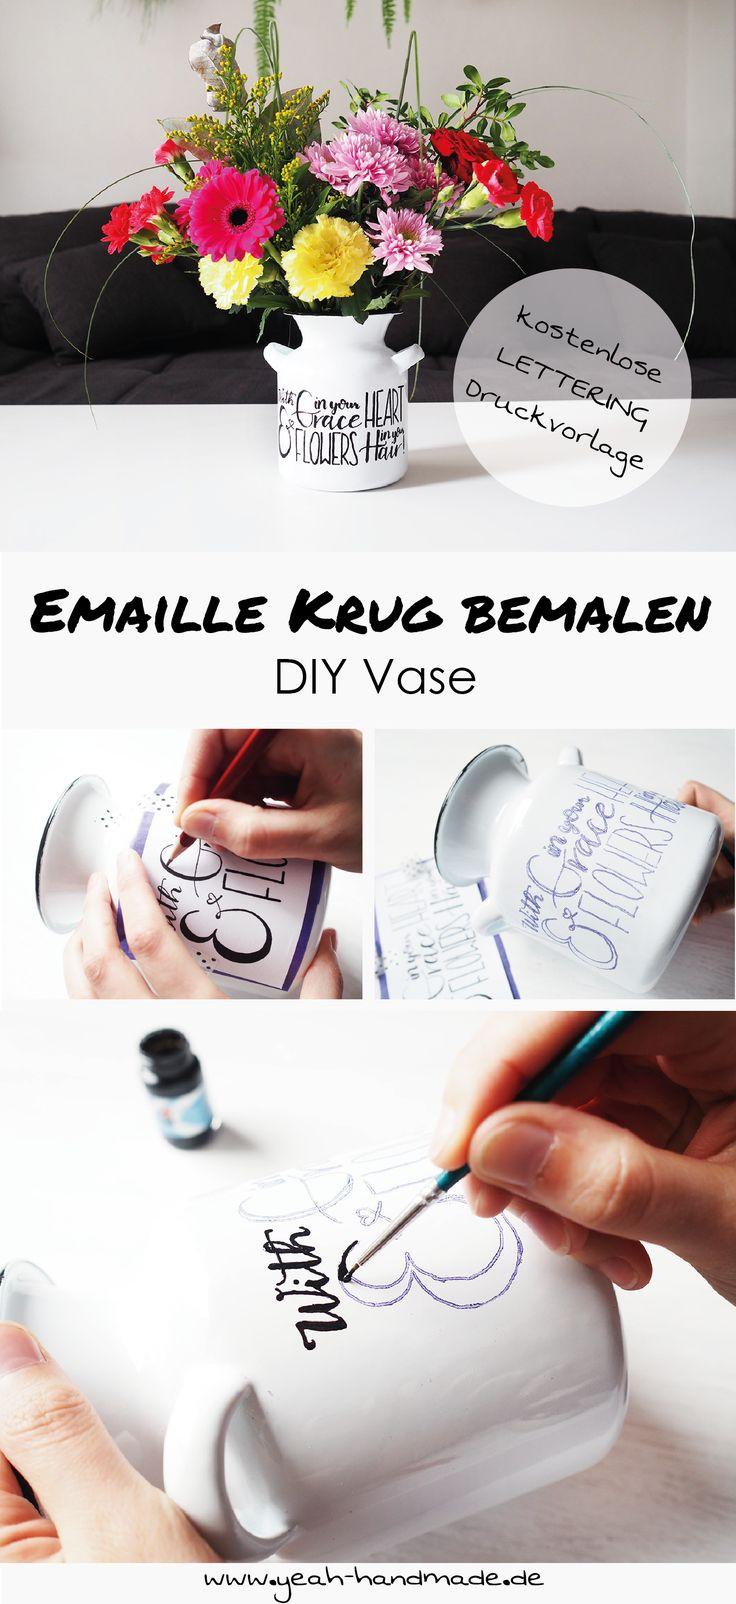 DIY Emaille Krug als Vase mit einem Lettering aus Porzellanfarbe selber machen. Lettering des Songtextes von After the Storm von Mumford & Sons zum Ausdrucken (free printable). Perfekt als Dekoration für die Wohnung oder als Geschenkidee. Kreative DIY Anleitung auf Yeah Handmade.